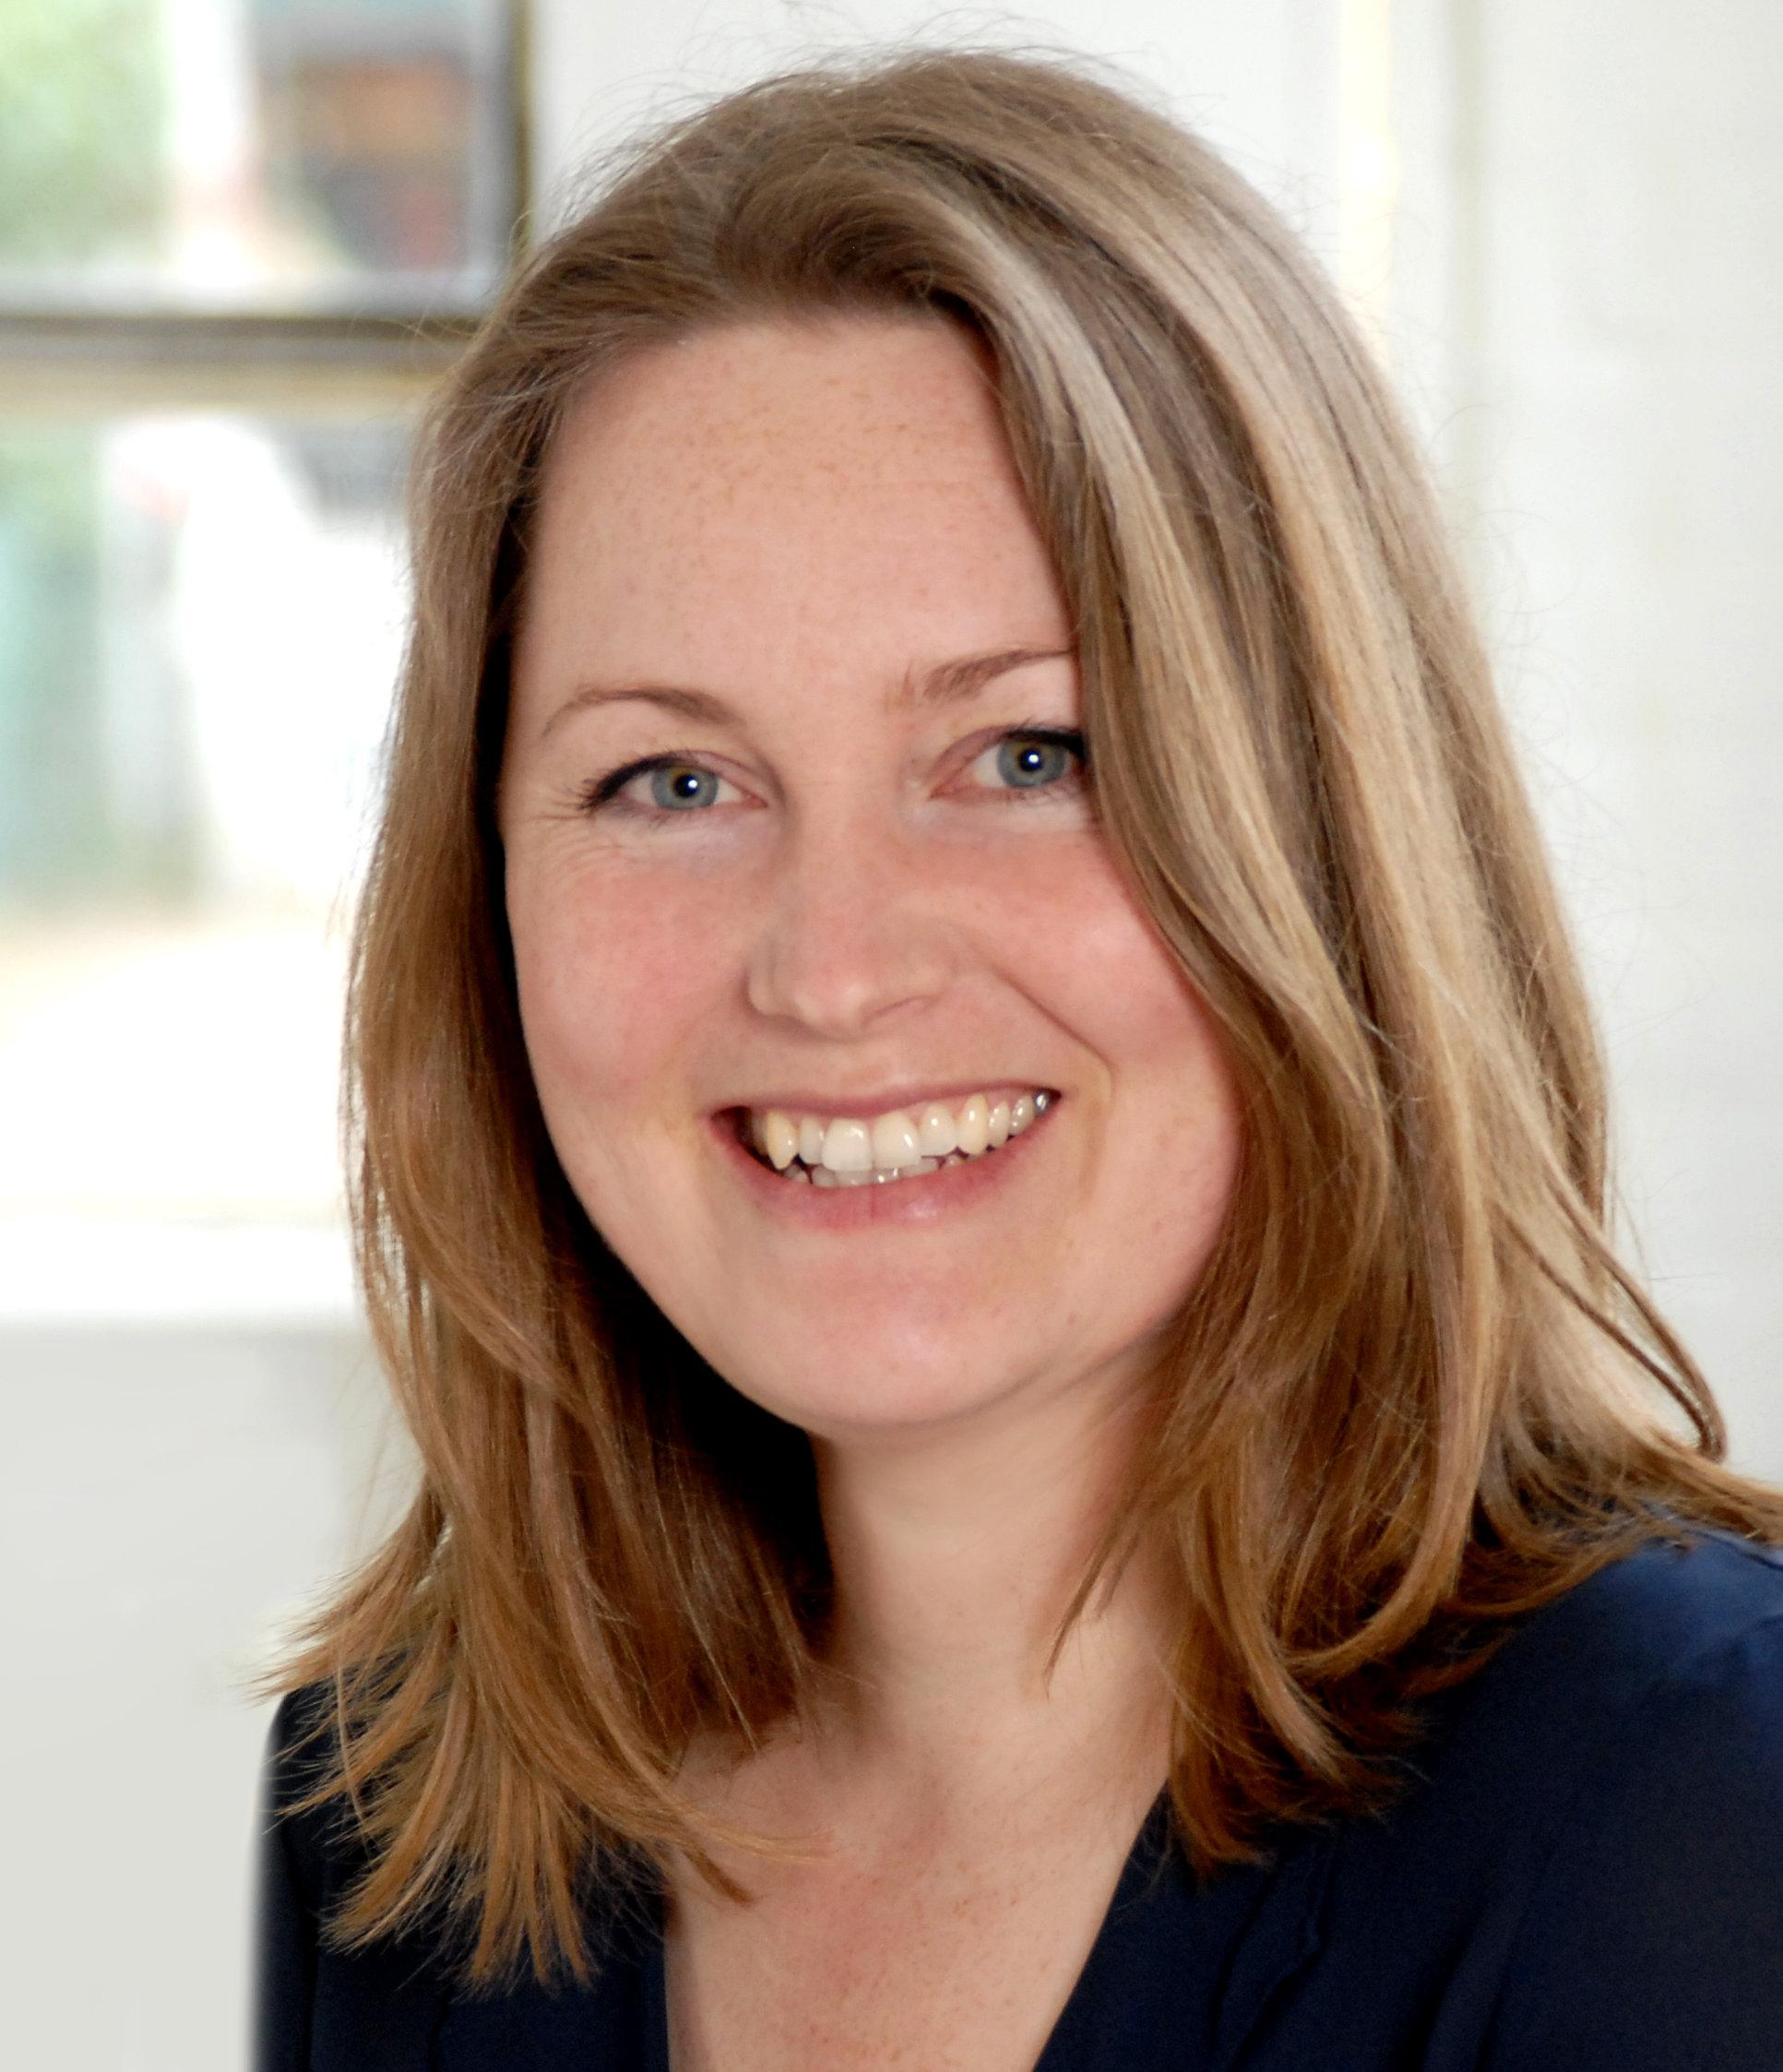 Crowdinvestorin Anne-Katrin Maier ist Gründerin des Finanzblogs Crowdfunding-Anleger<p><br></p>